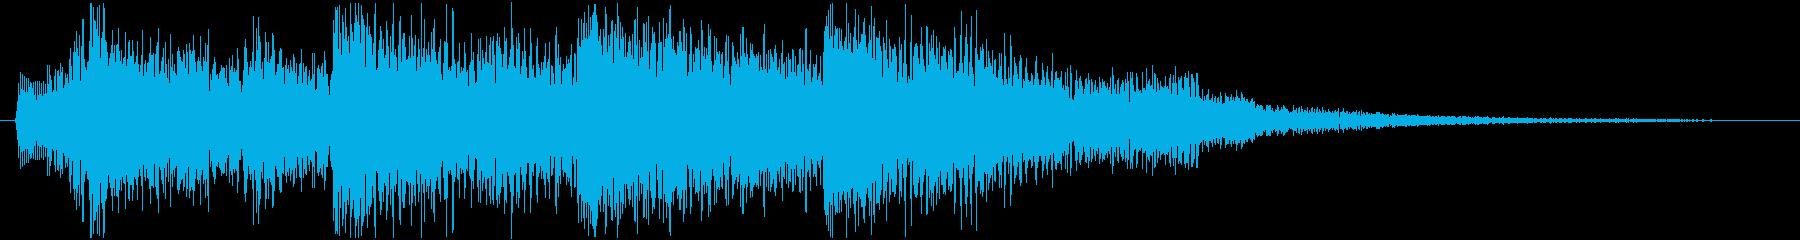 成功、クリア、決定、レベルアップ音の再生済みの波形